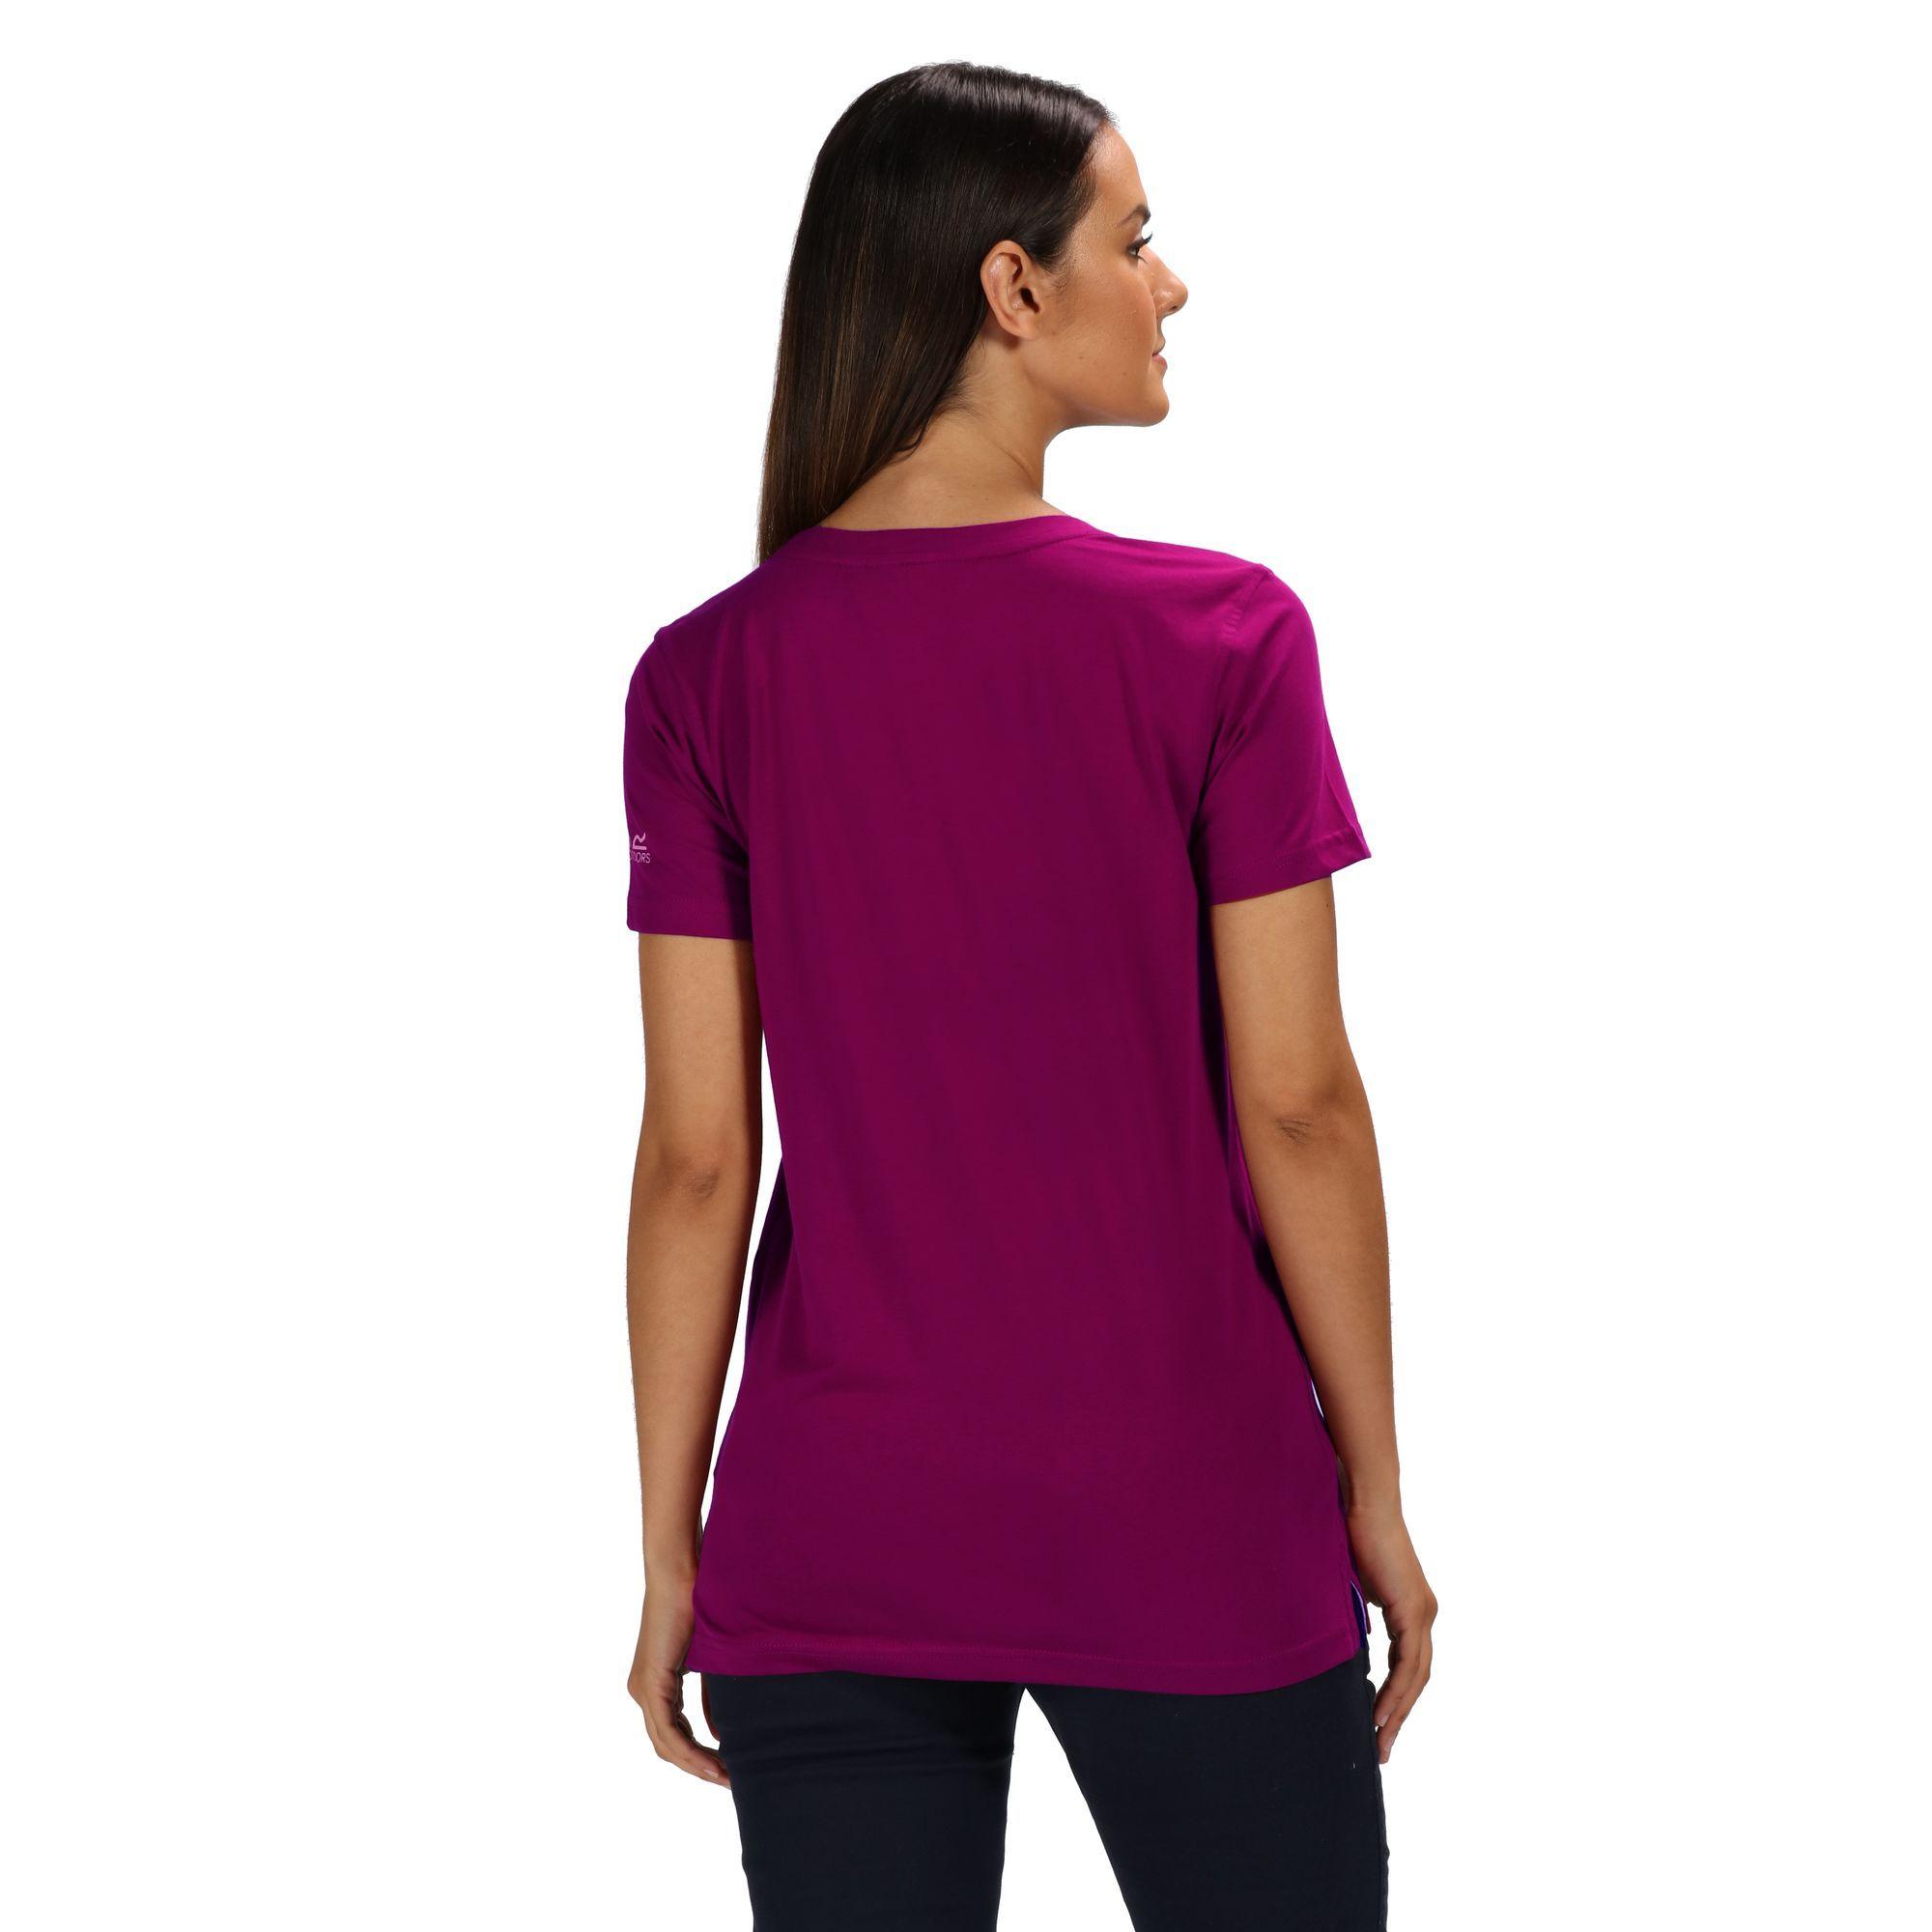 Regatta Womens/Ladies Filandra III Graphic T-Shirt